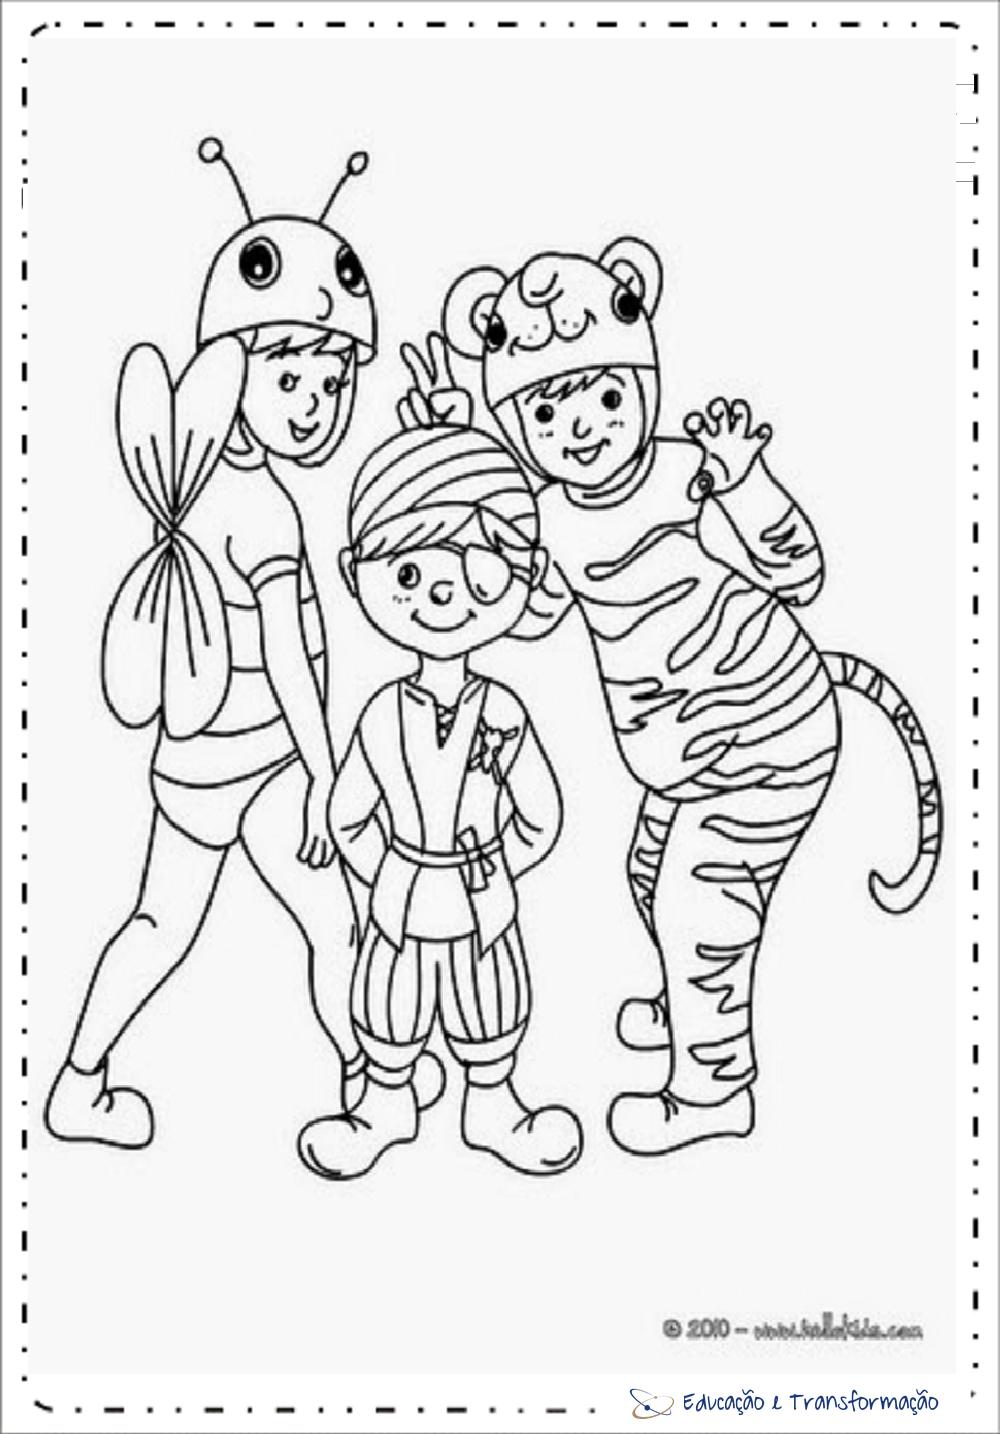 Desenhos De Carnaval Para Colorir E Imprimir Educacao E